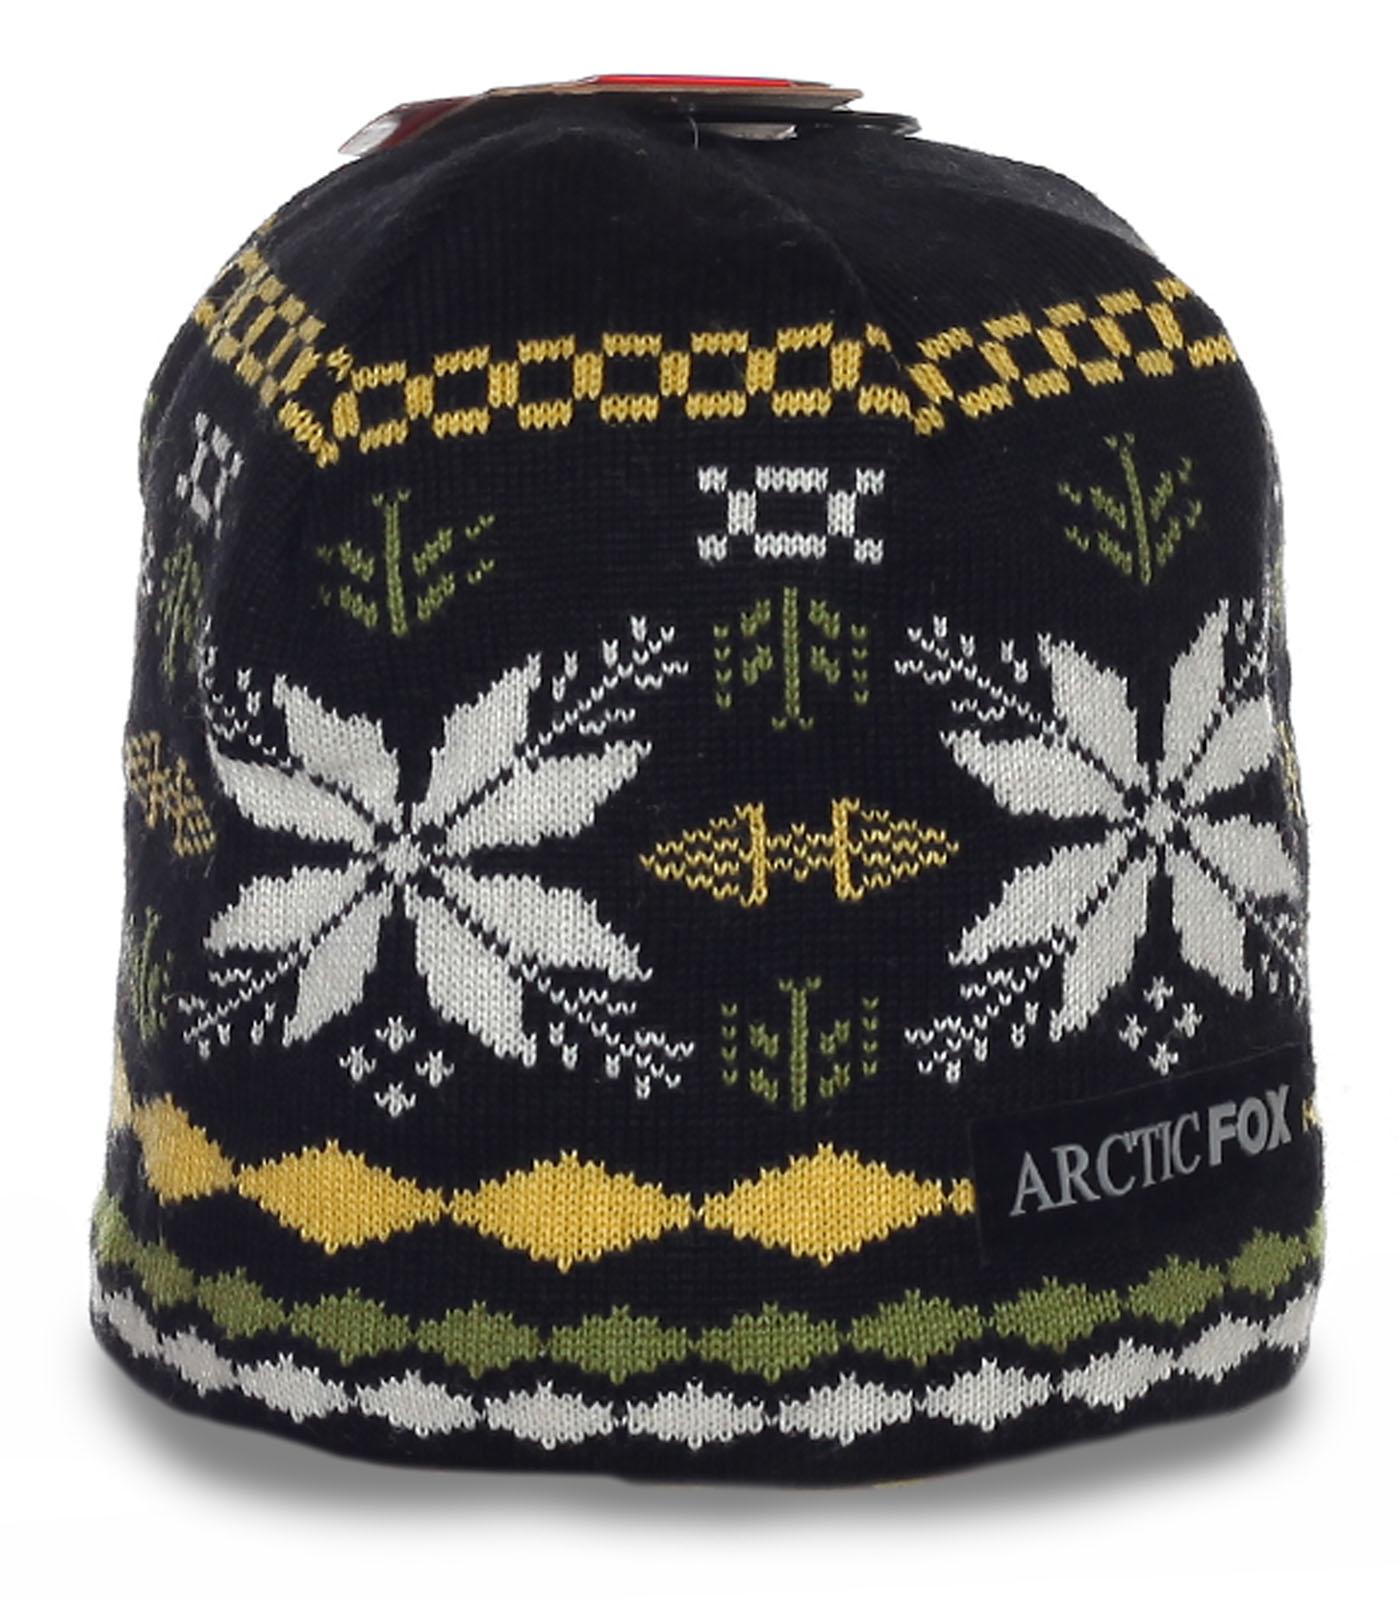 Уникальная мужская шапка Arctic Fox обворожительного дизайна с орнаментом на флисе